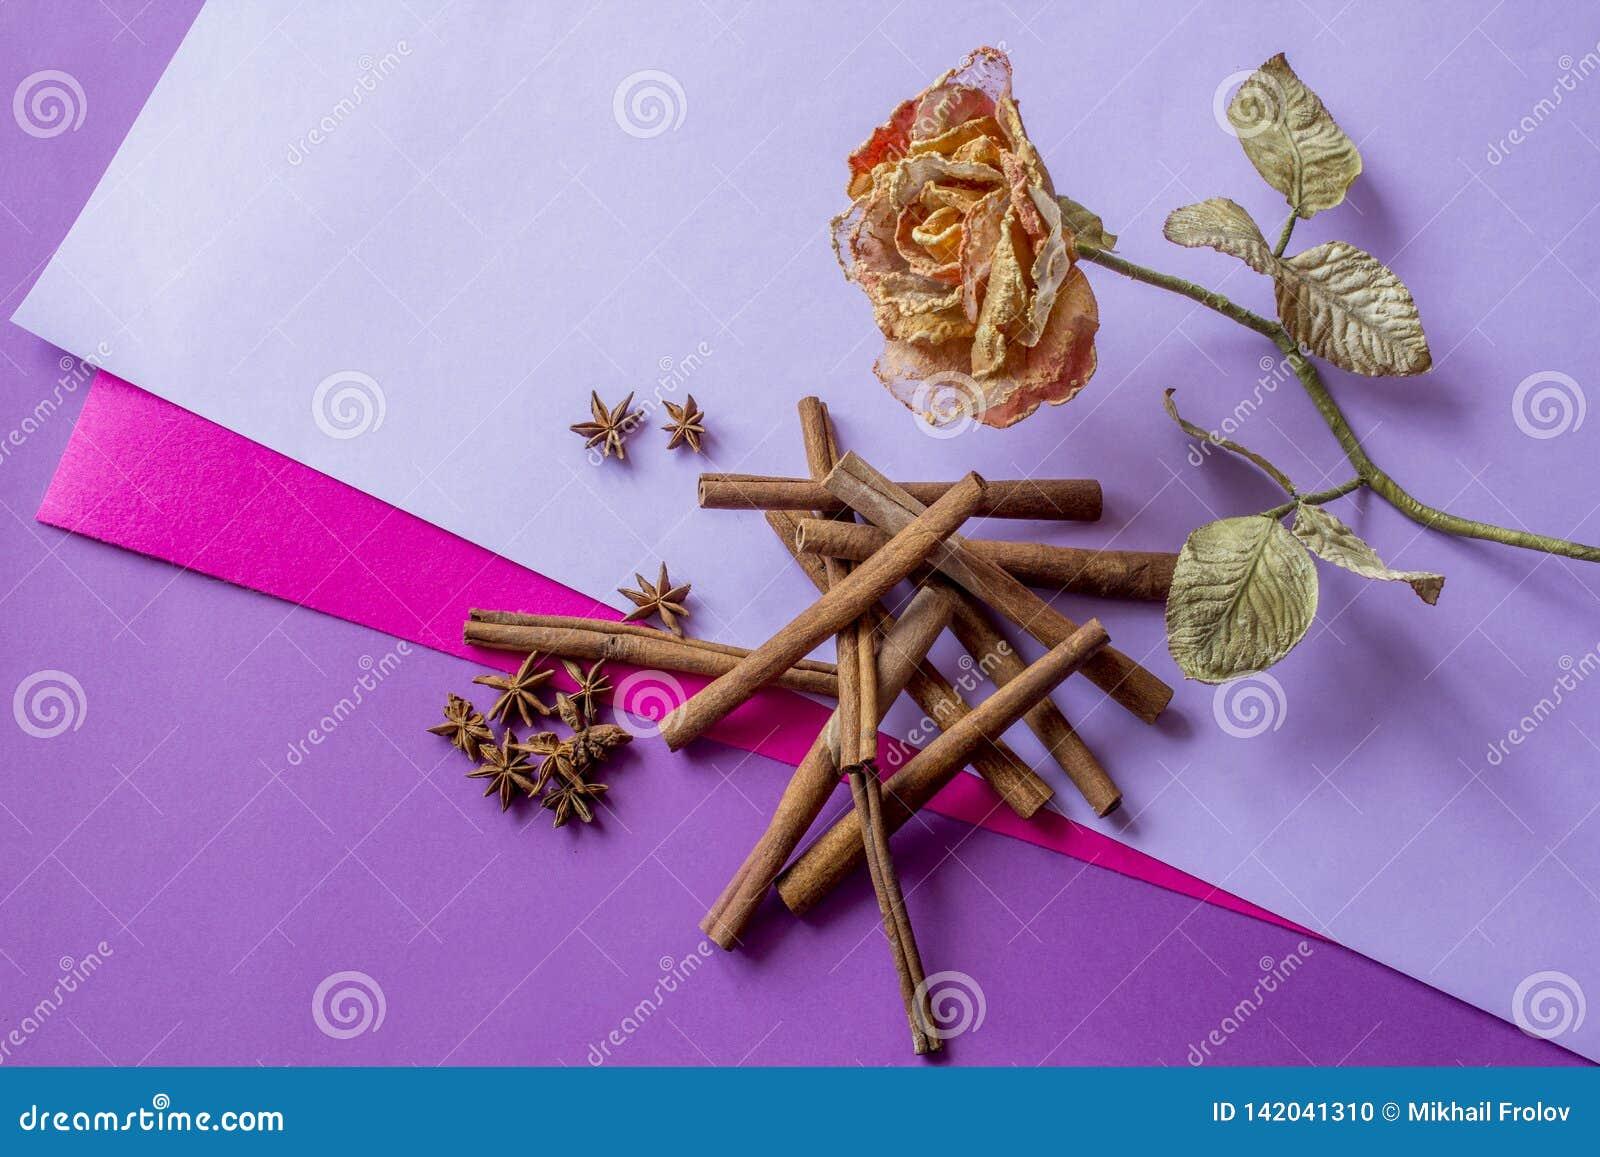 Ainda vida da rosa, de varas de canela artificiais e das estrelas do anis encontrando-se no fundo colorido